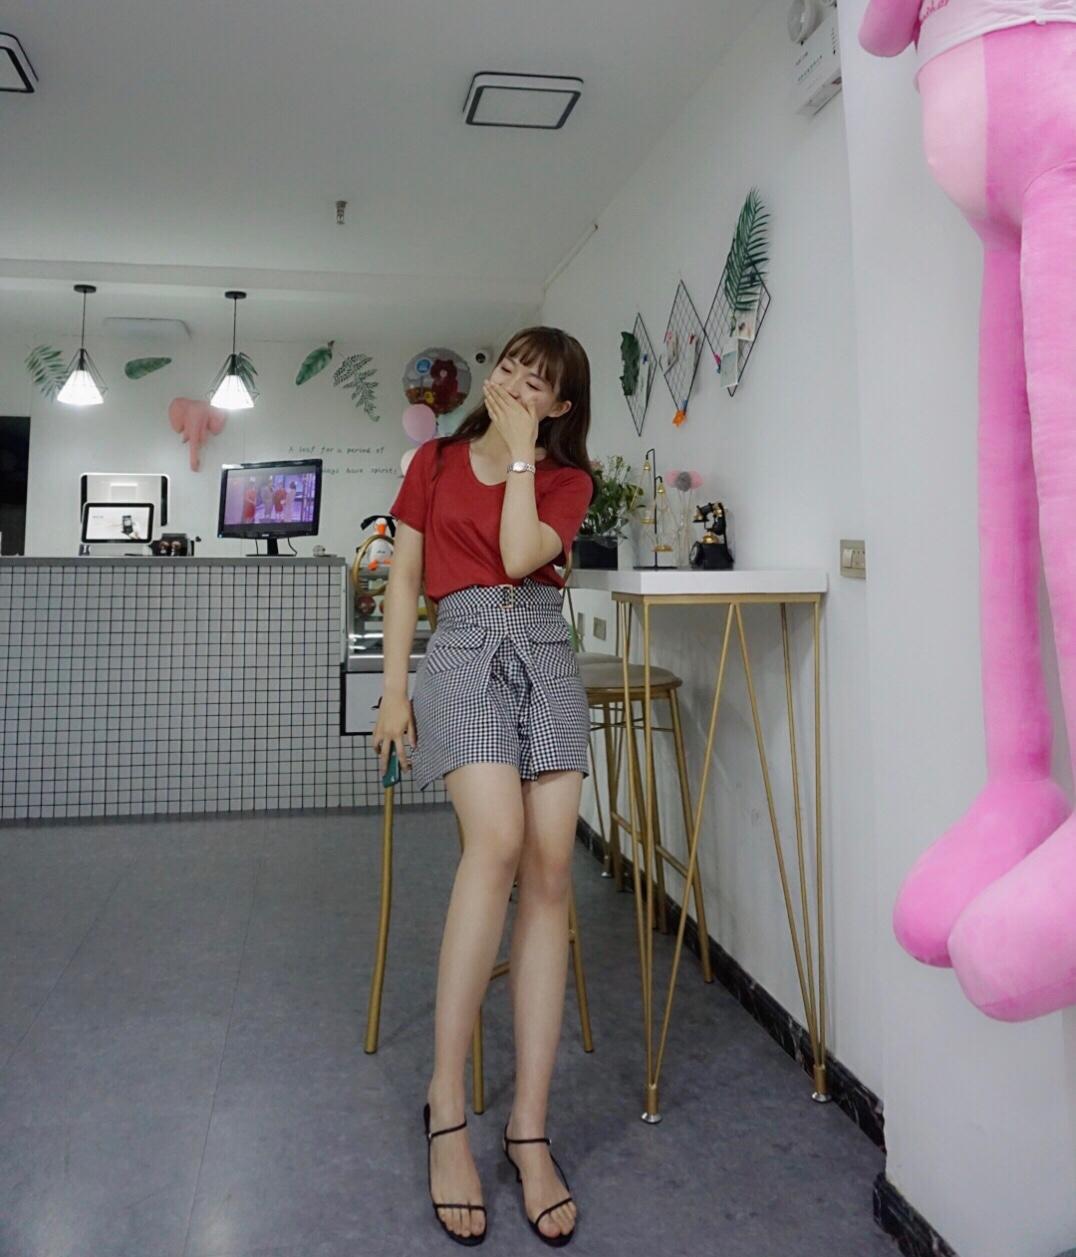 #520,男朋友希望你这么穿!# 夏季超实用穿搭✨  🌈许许个人信息:170cm 52kg ❤️红色T➕格子裤裙➕小跟仙女风凉鞋 红色非常的元气满满 布料也是非常的柔软穿着特别舒服  ❤️格子的裤裙也是非常有特色的 是阔腿并且中长款 中长款可以轻松将大腿遮住 很小心机  ❤️仙女风一字带凉鞋 交叉细带的会显得脚很瘦 修饰脚型 略带中跟 穿着也不会累 而且走路也稳稳的